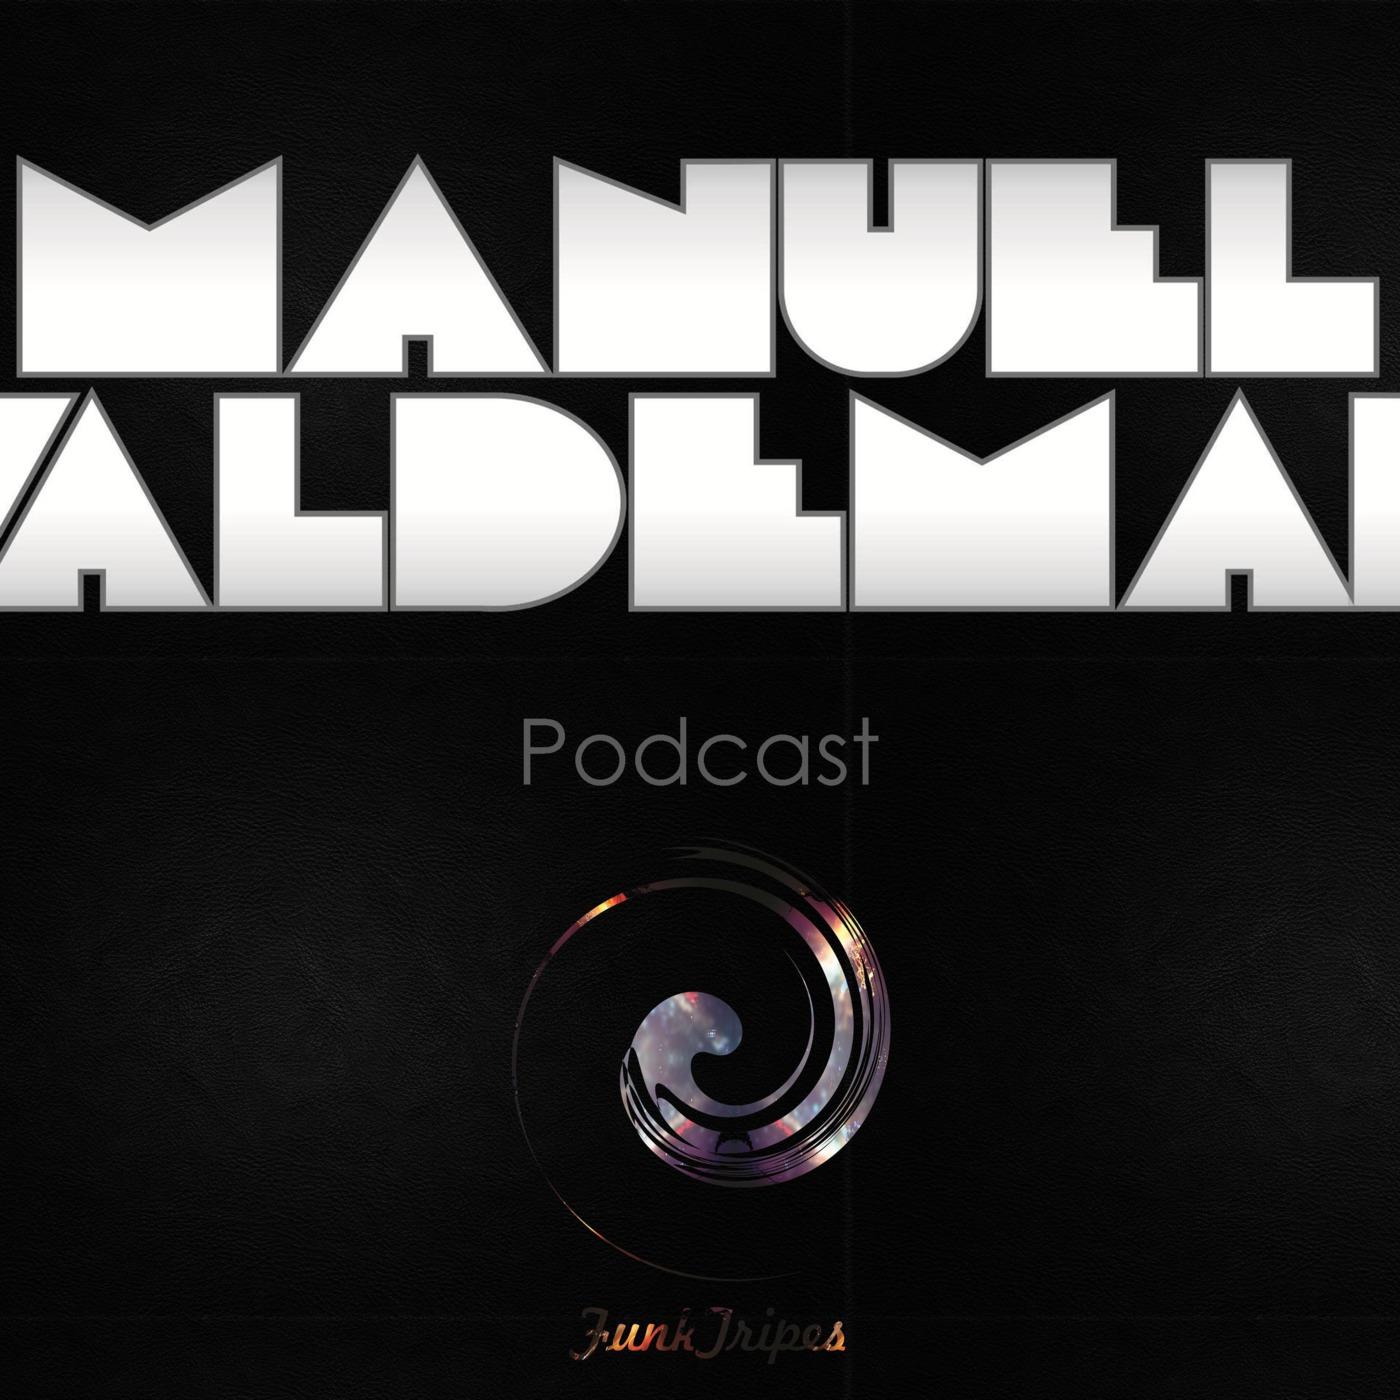 Manuel Valdemar's Podcast